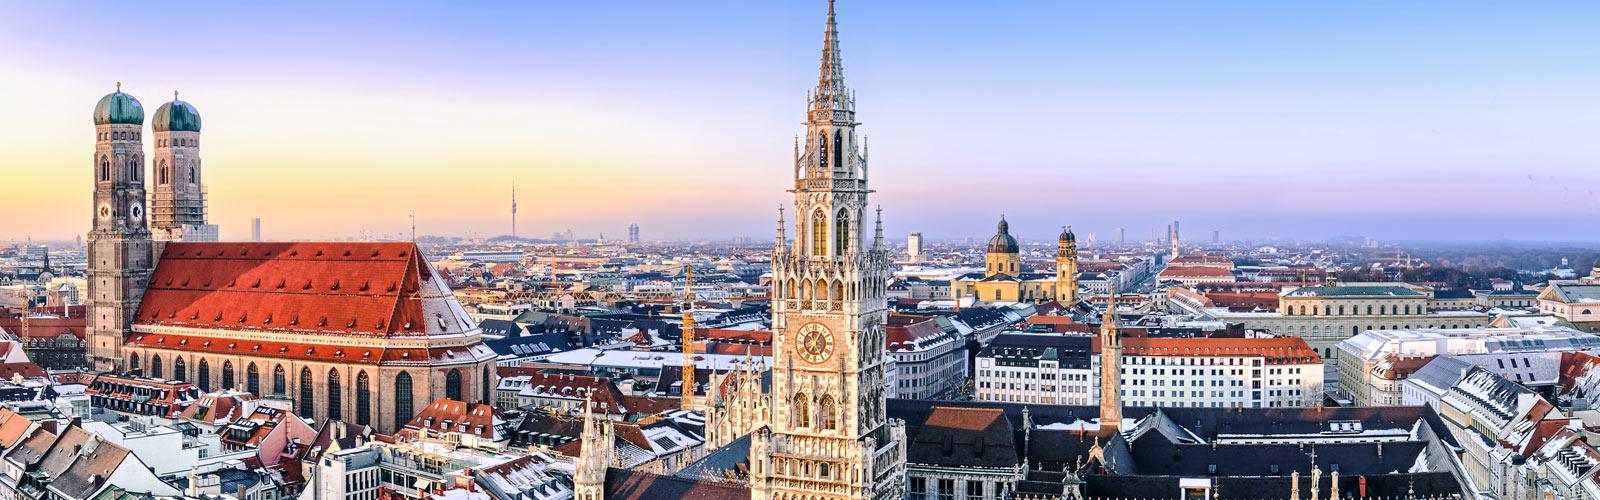 7 cose da fare a Monaco di Baviera